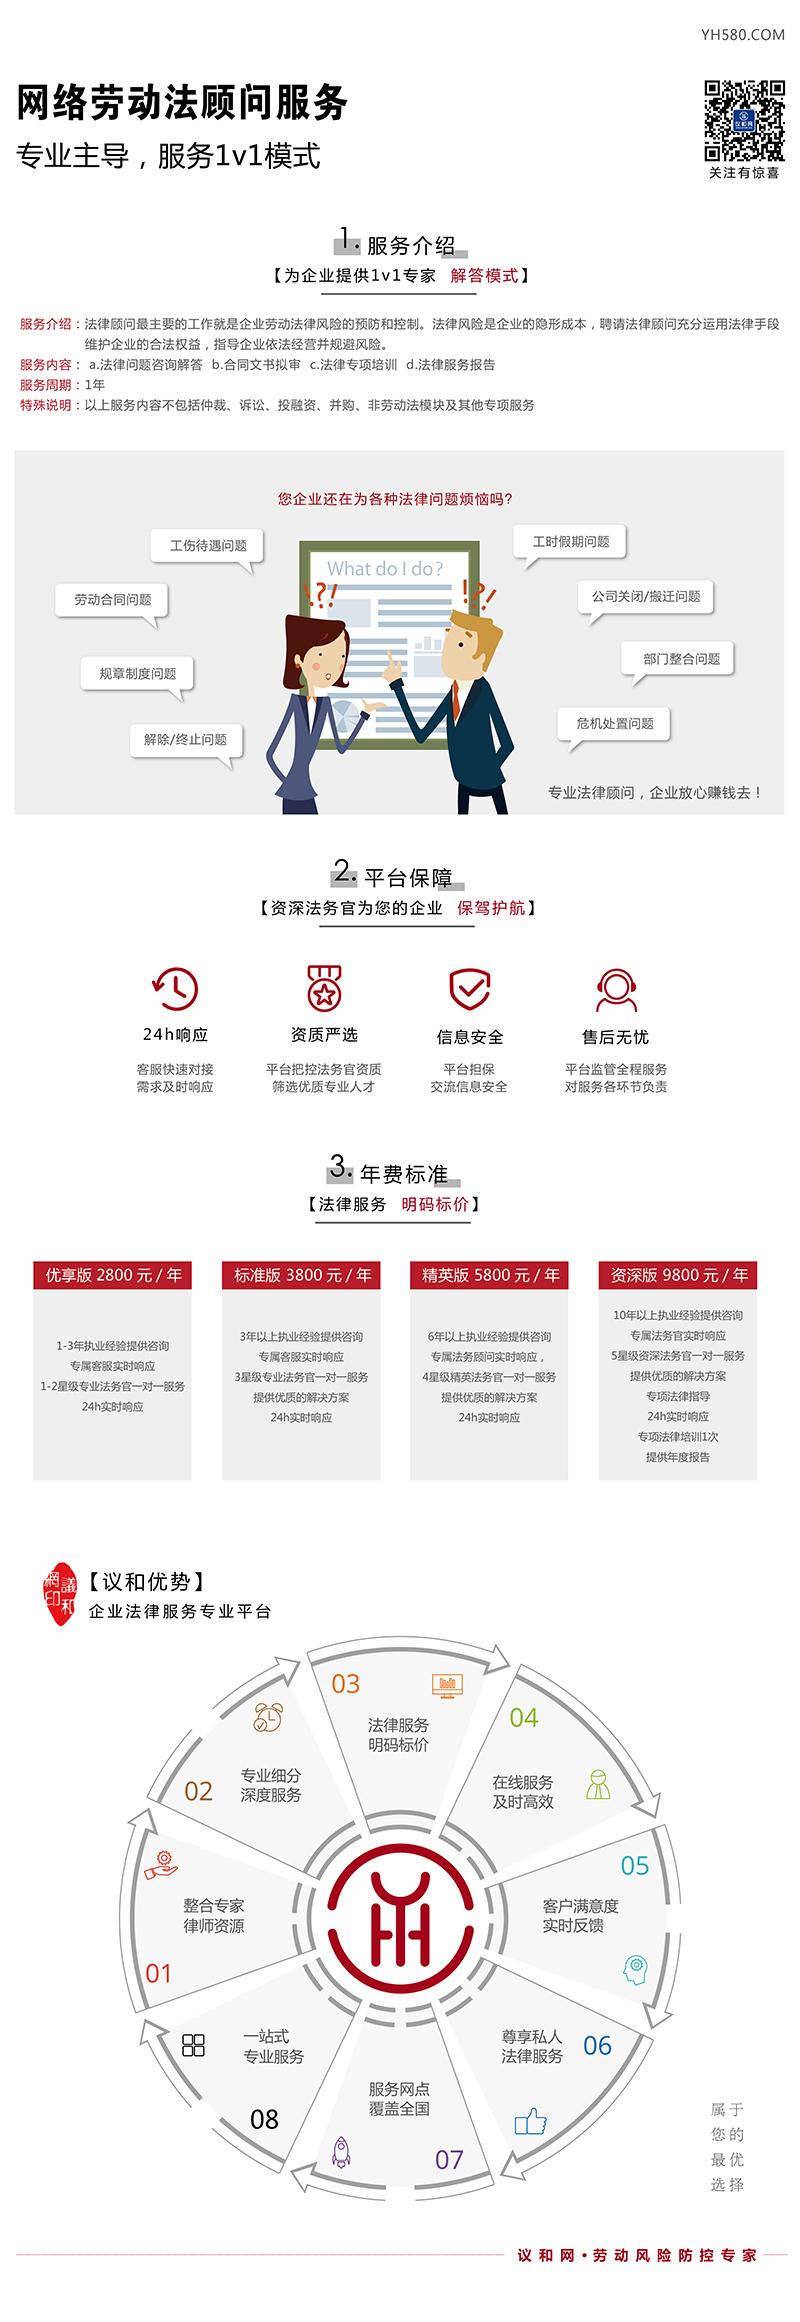 網絡勞動法律顧問_畫板-1.jpg